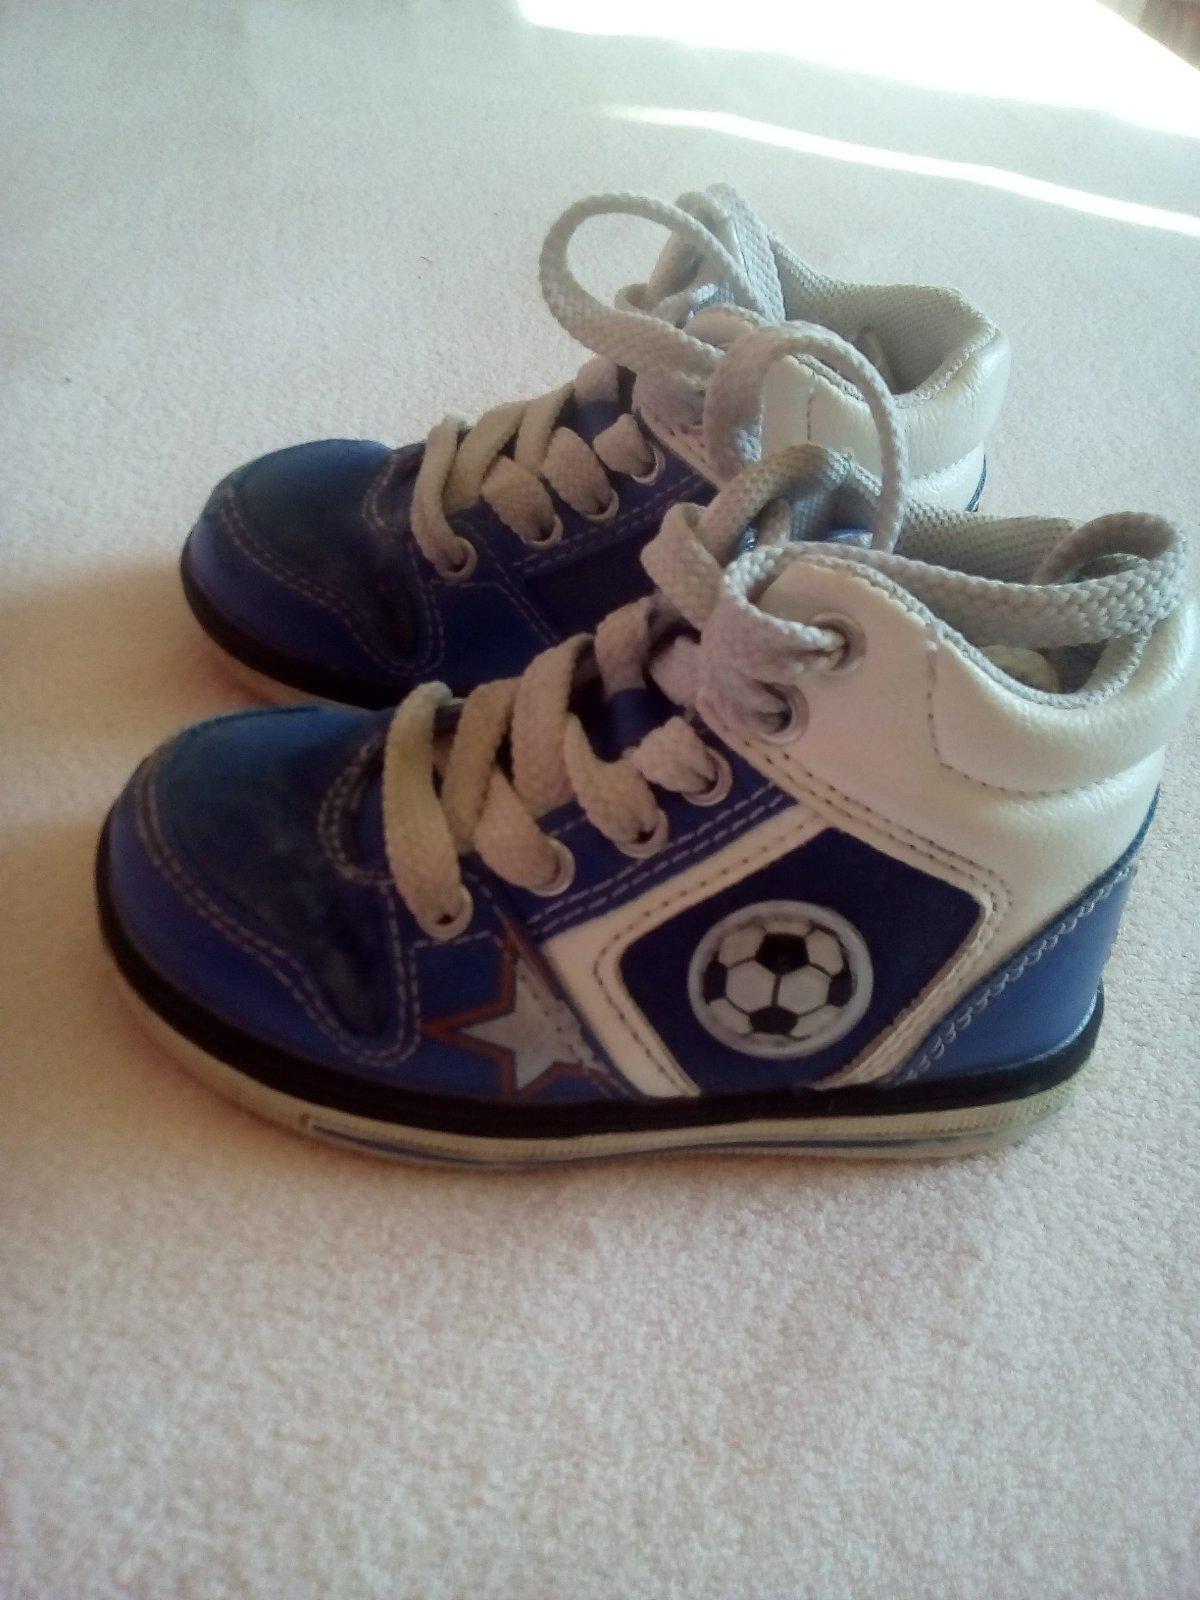 c27b6c0b225dc Botasky blikajúce, bobbi shoes,22 - 2,50 € od predávajúcej alli27   Detský  bazár   ModryKonik.sk